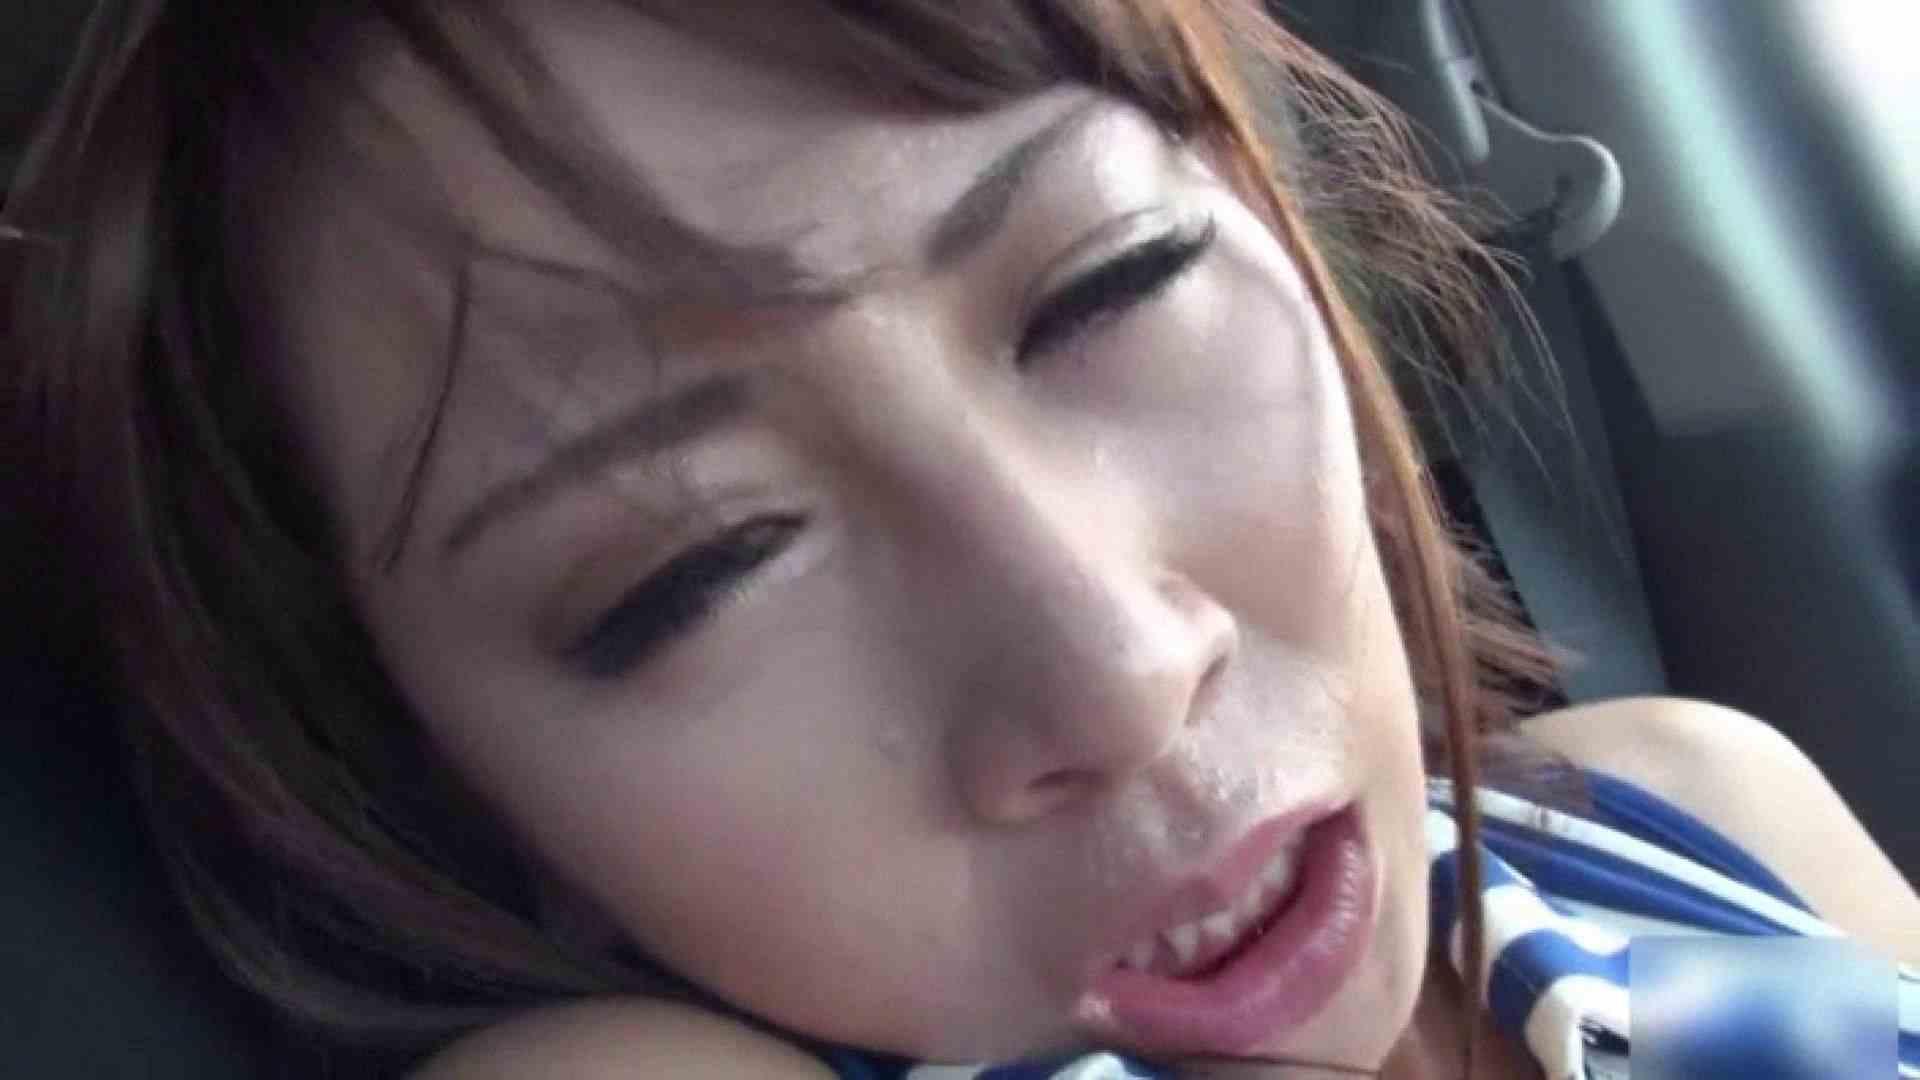 変態ギャル姫のH Vol.04 前編 パンツ 覗きぱこり動画紹介 65連発 2